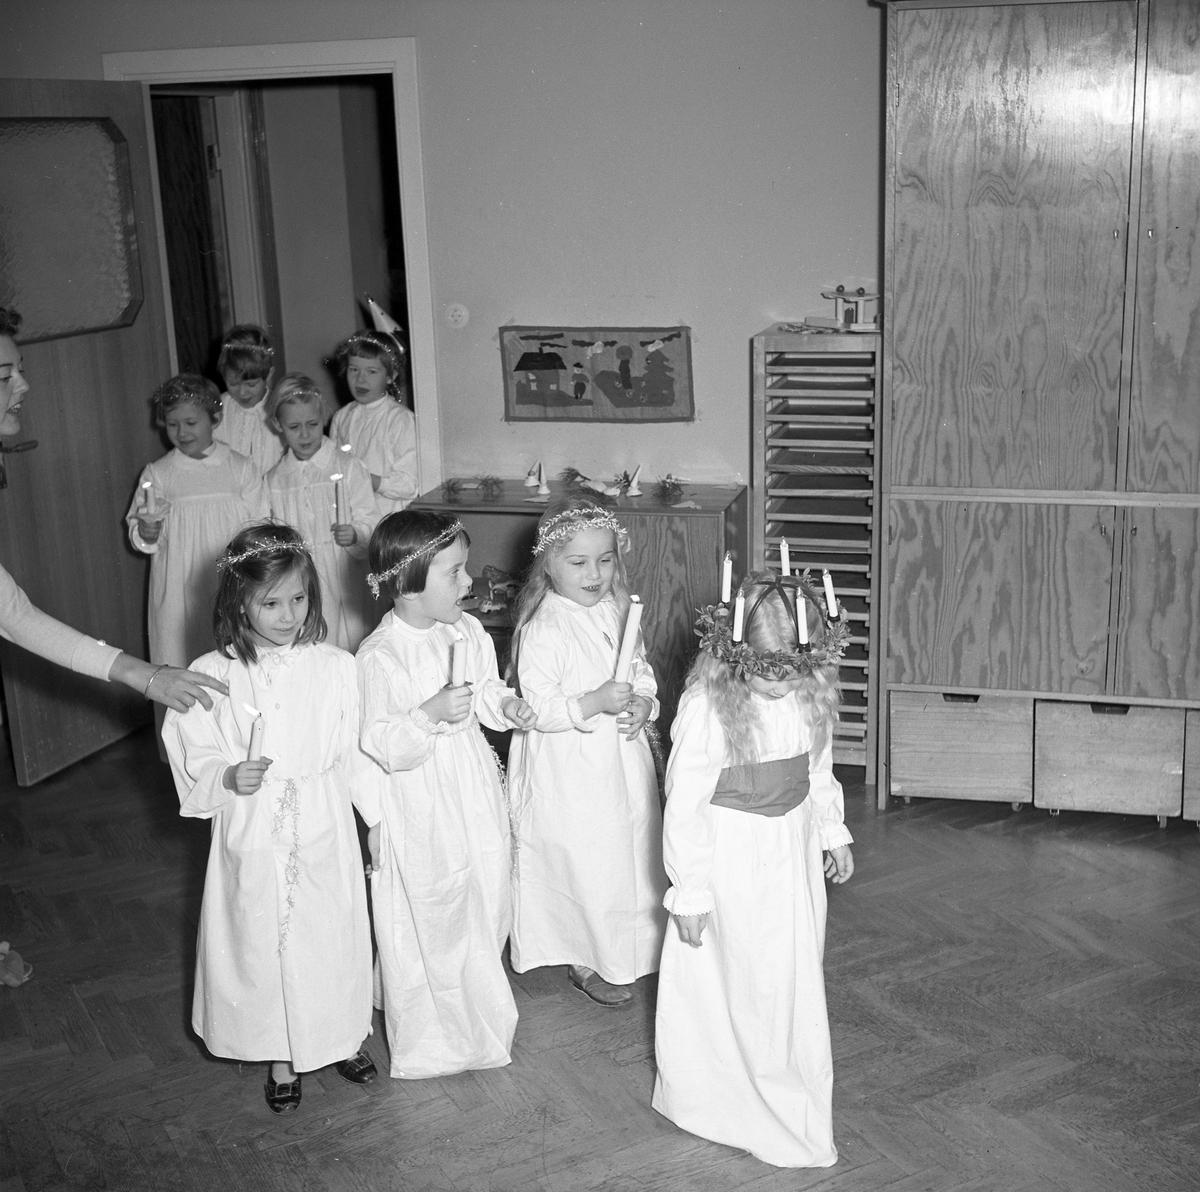 Barnträdgården i Arvika firar Lucia den 13 december 1957.